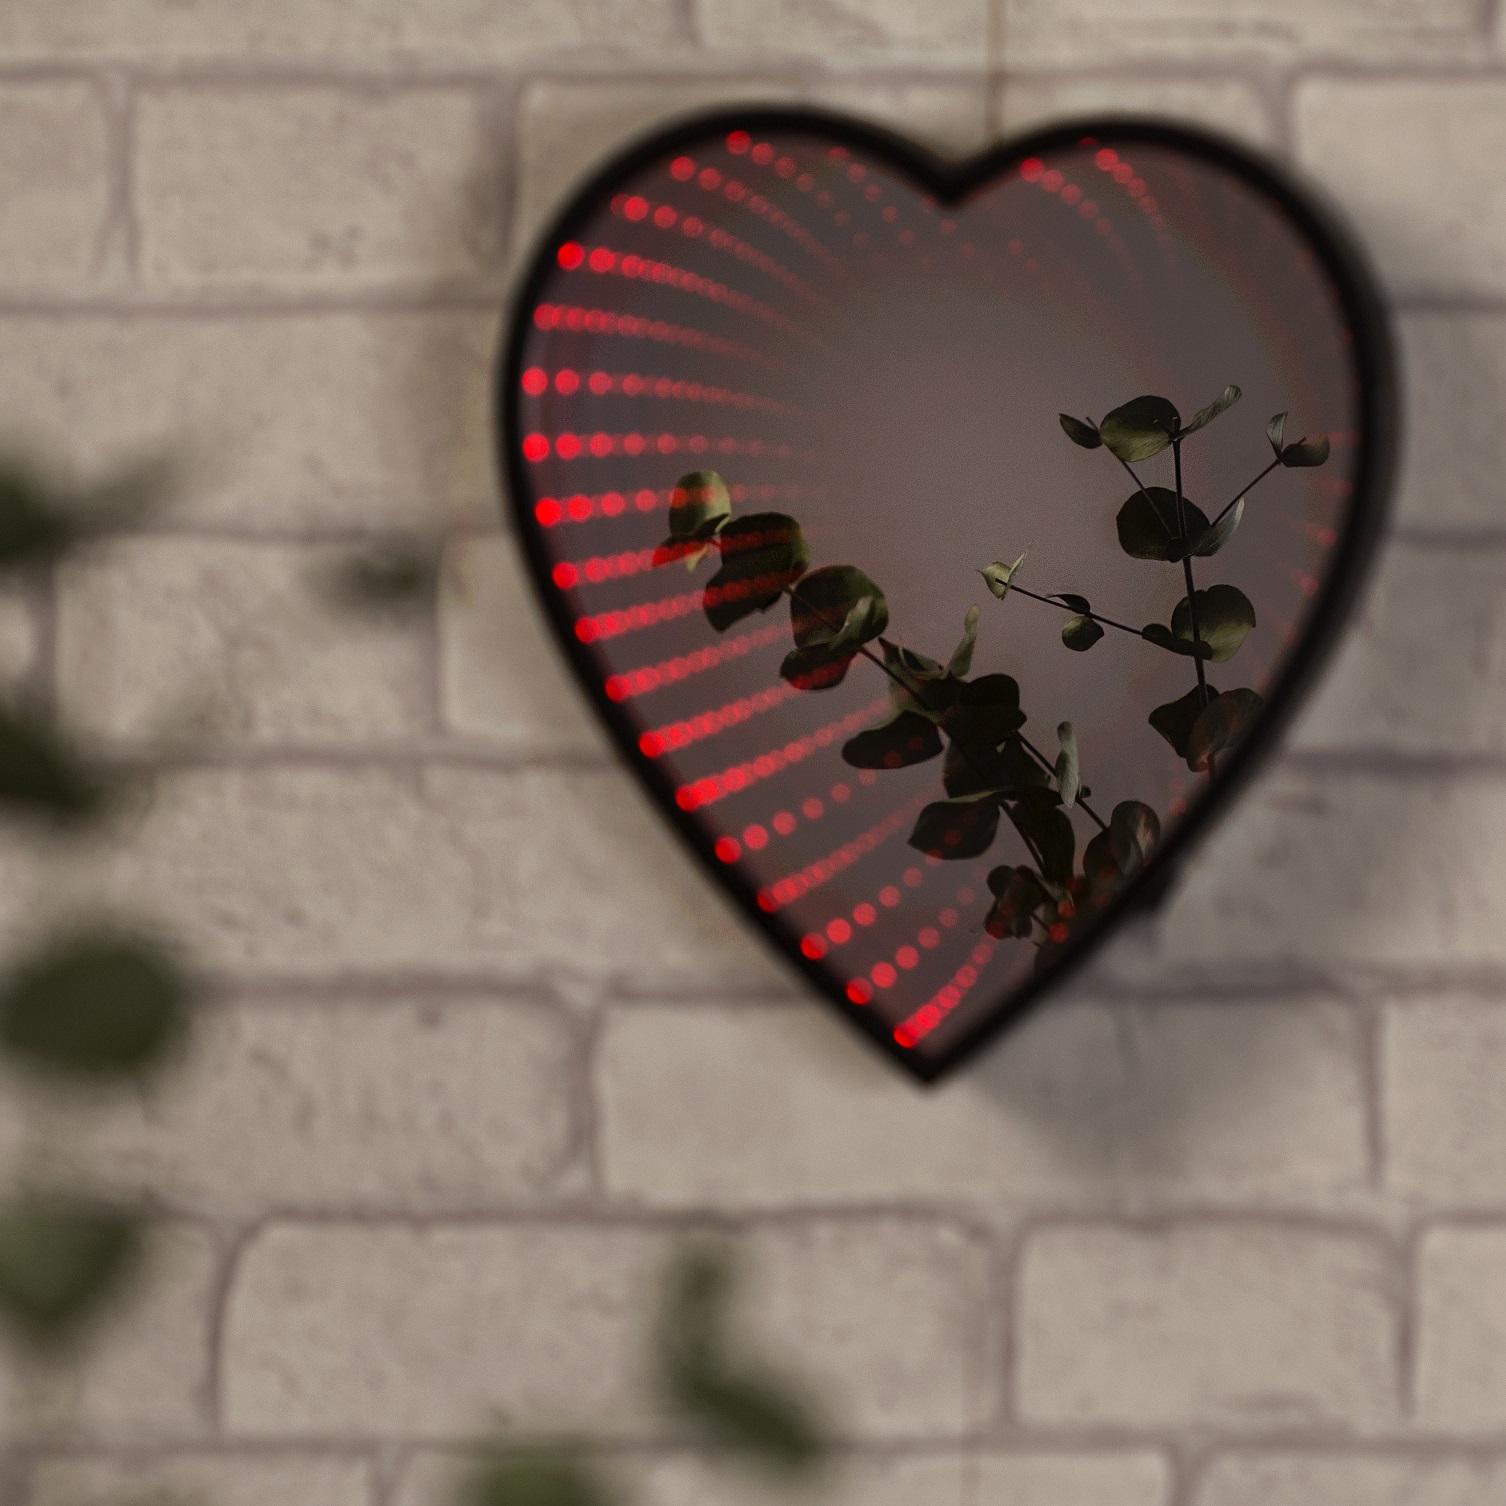 Evighetshjärtat